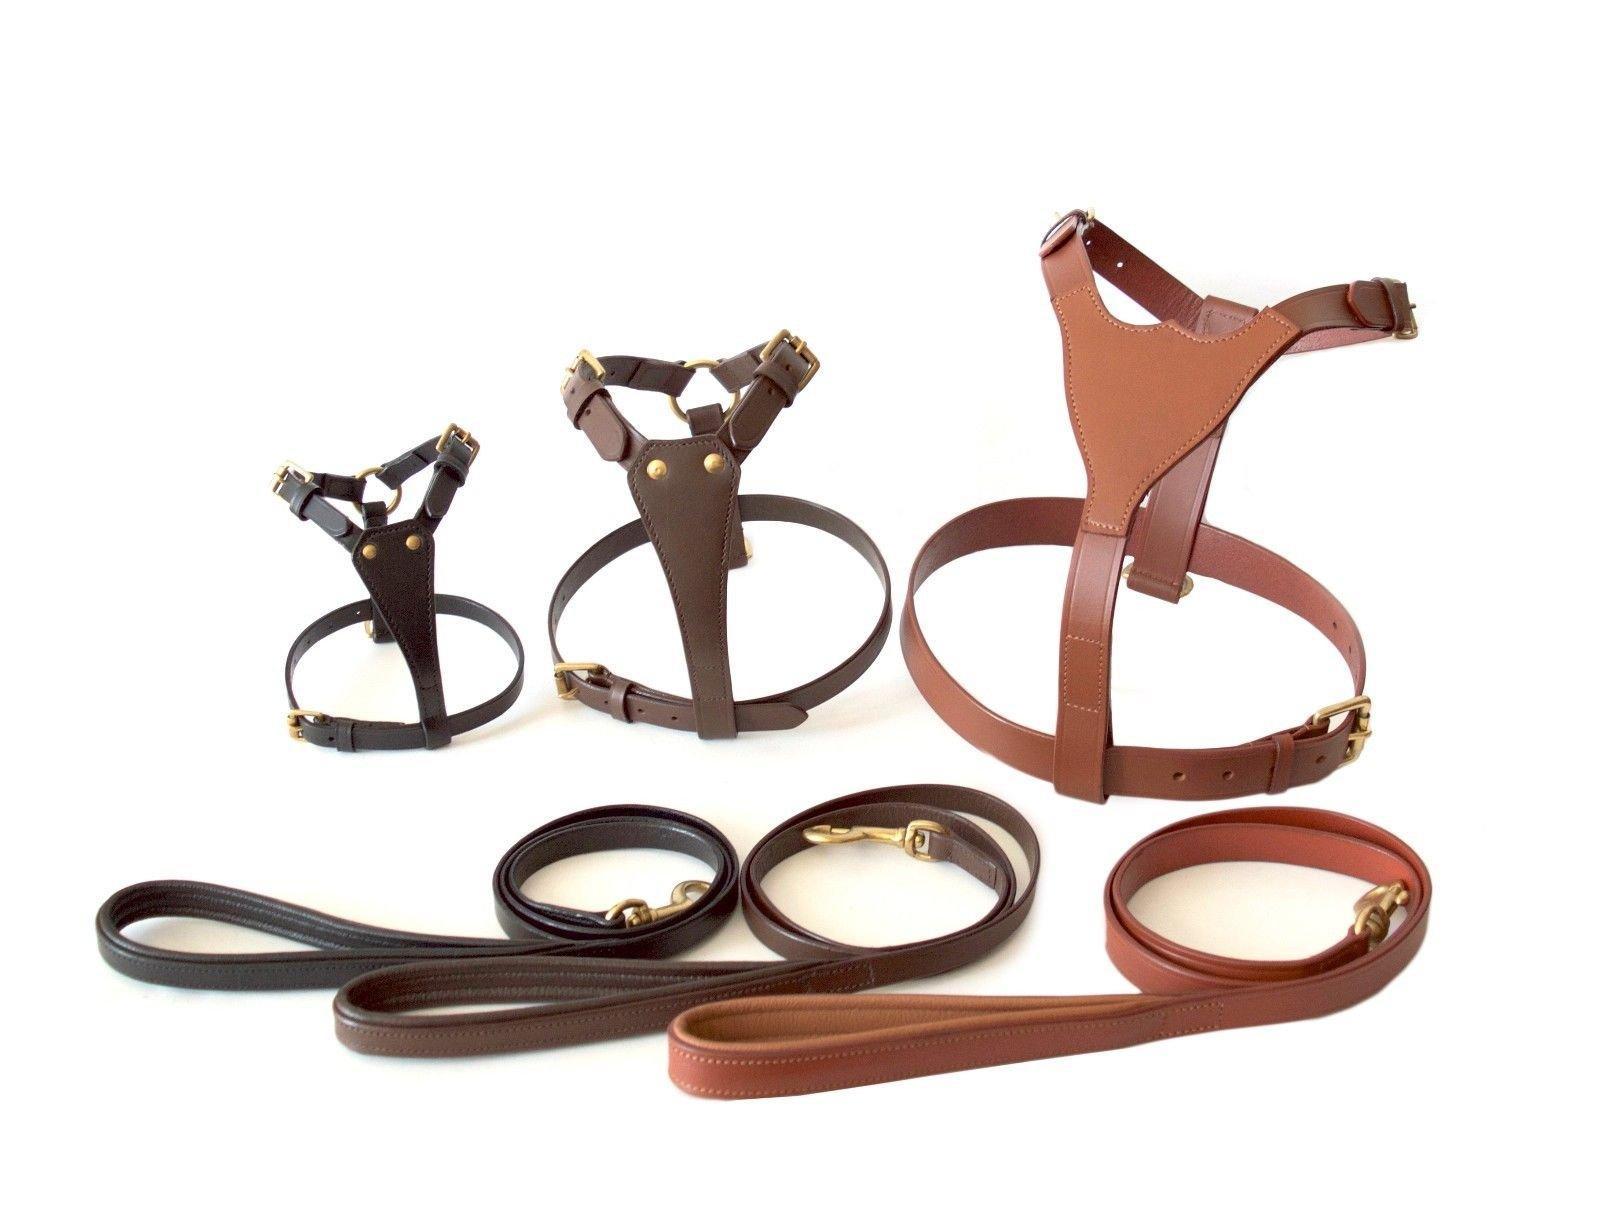 XS/ S / M / L / XL / XXL Dog Leather Harness Sets (XXL, Black)